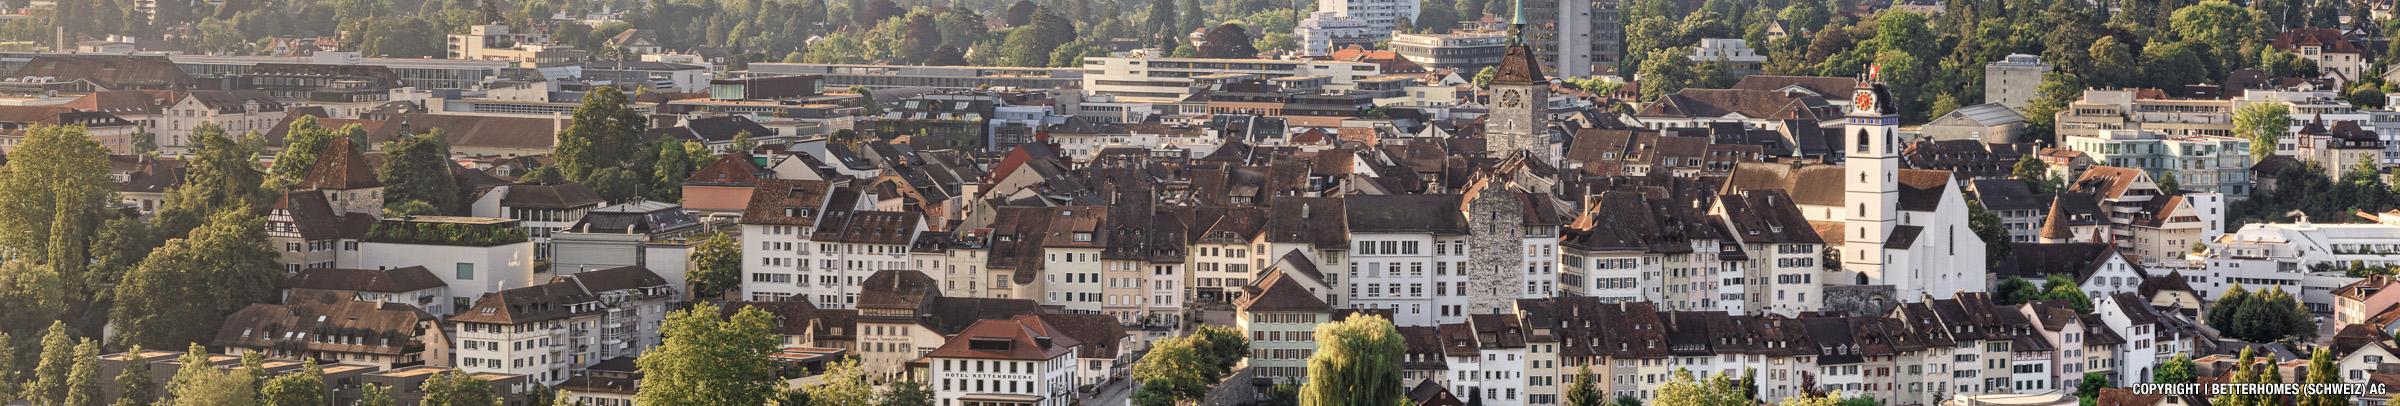 Aarau-.jpg